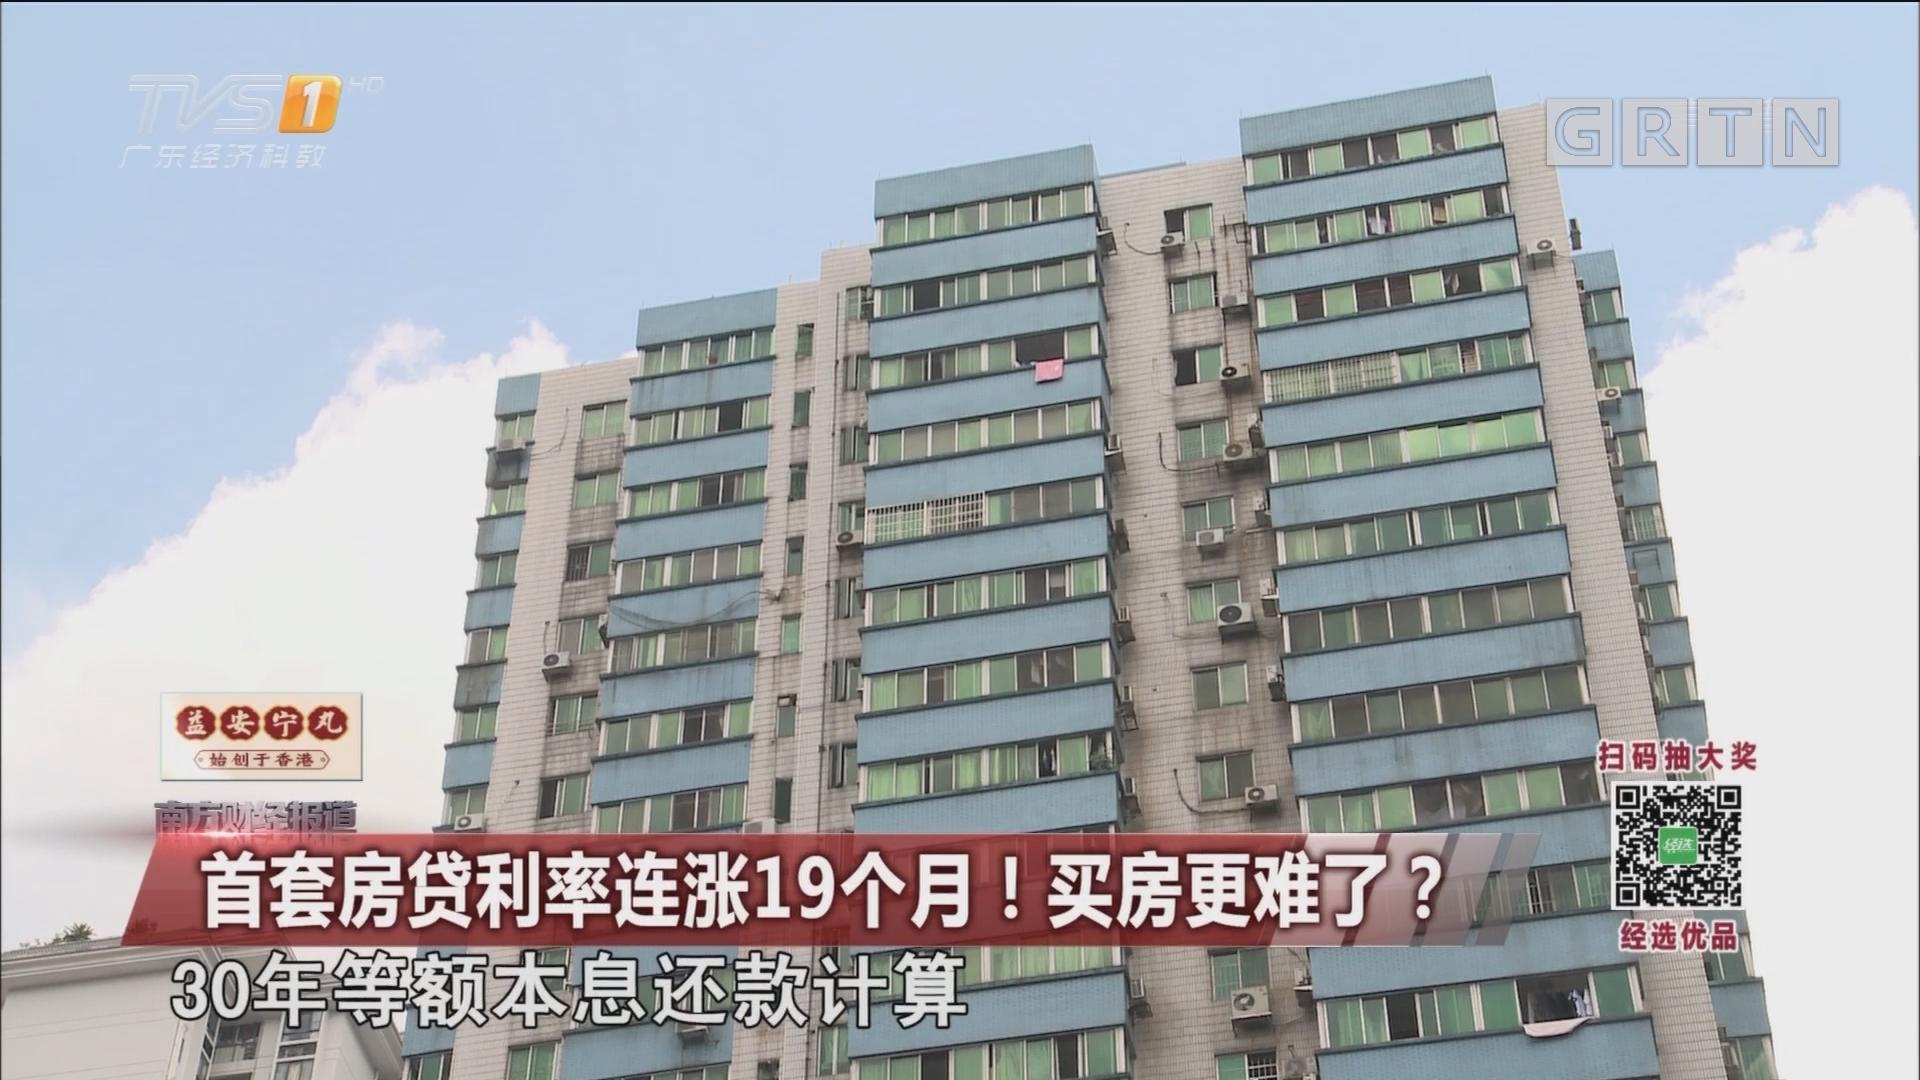 首套房贷利率连涨19个月!买房更难了?